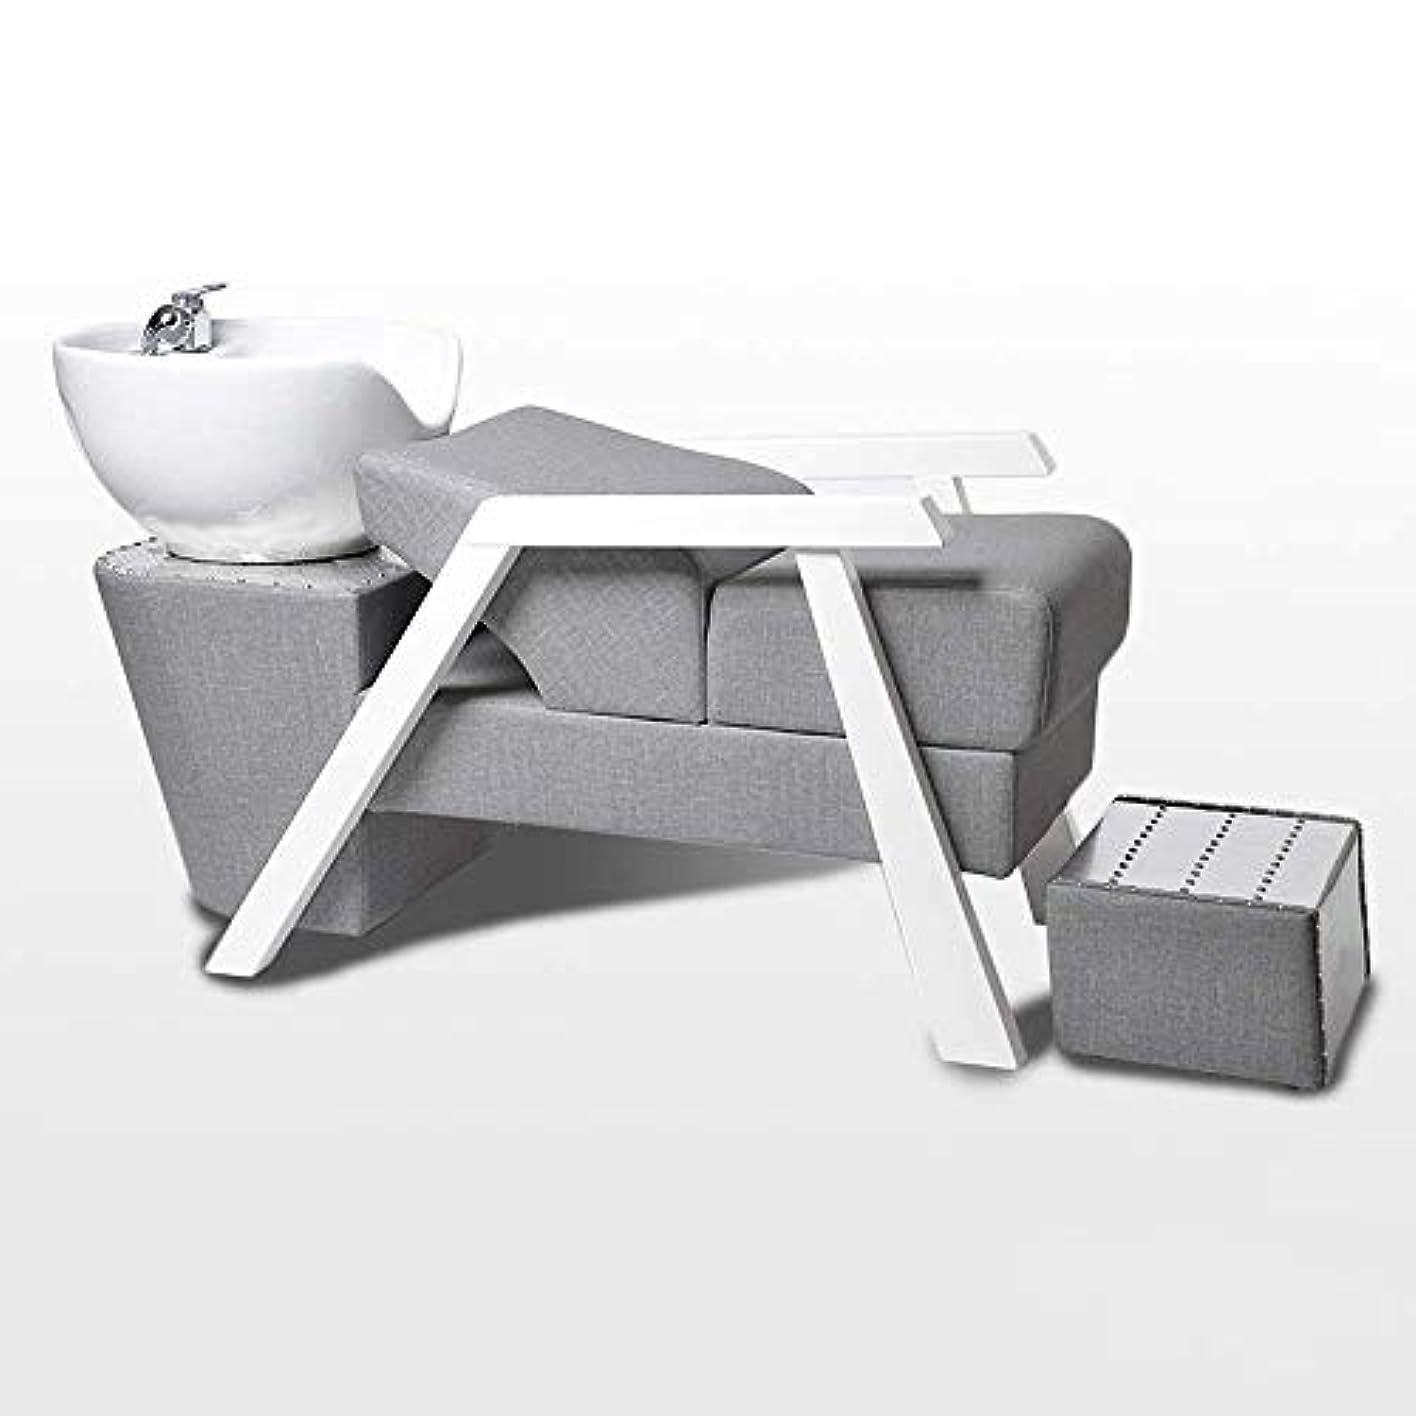 高潔な破滅エールシャンプーチェア、鉱泉の美容院装置のための簡単な同じ高さのベッドのシャンプーボールの理髪の流しの椅子